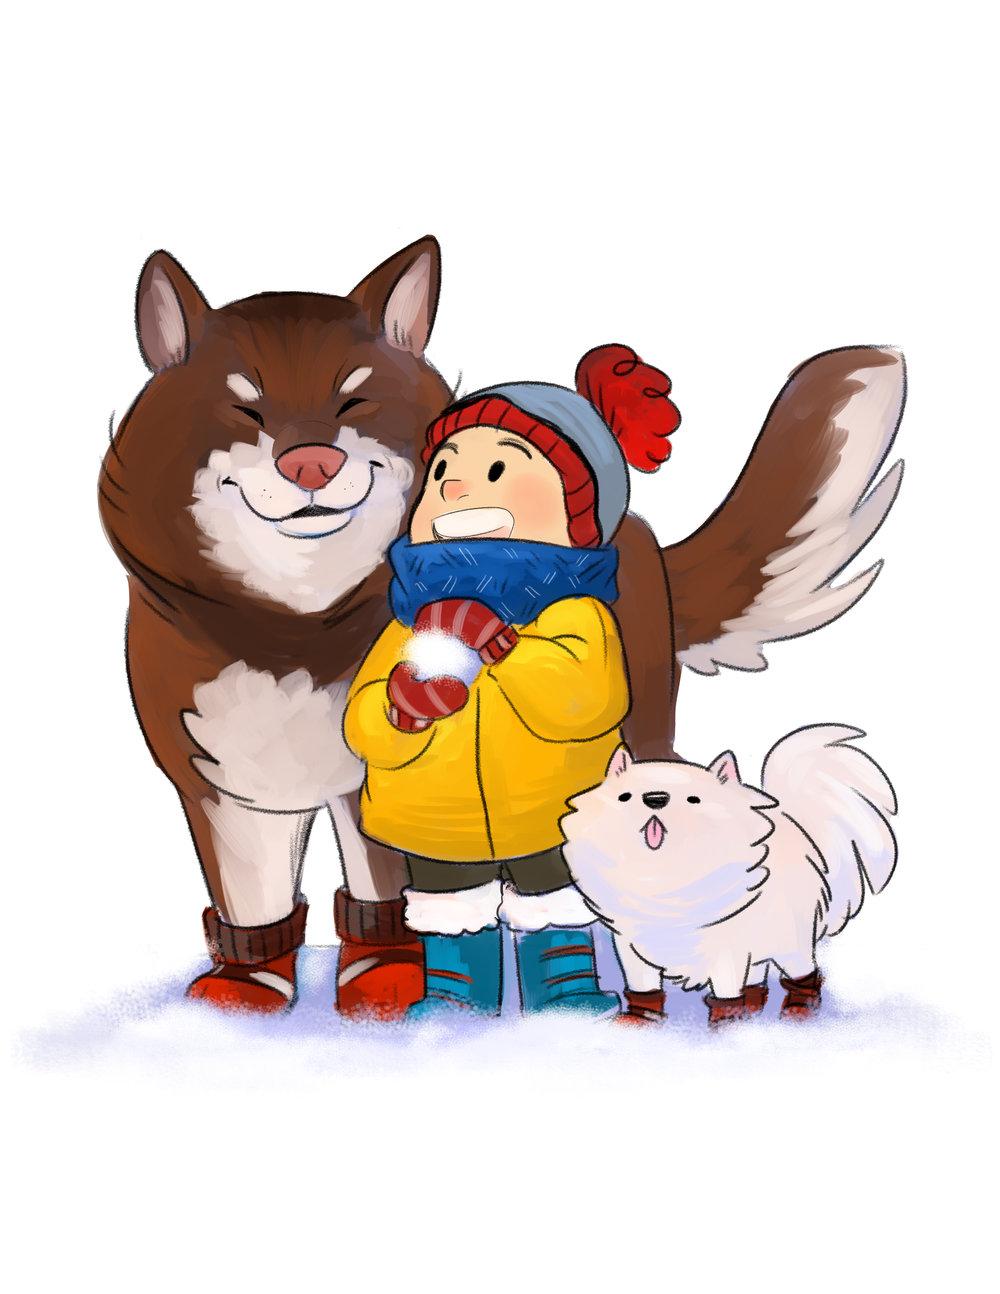 00_SnowScene_SnowDogs.jpg